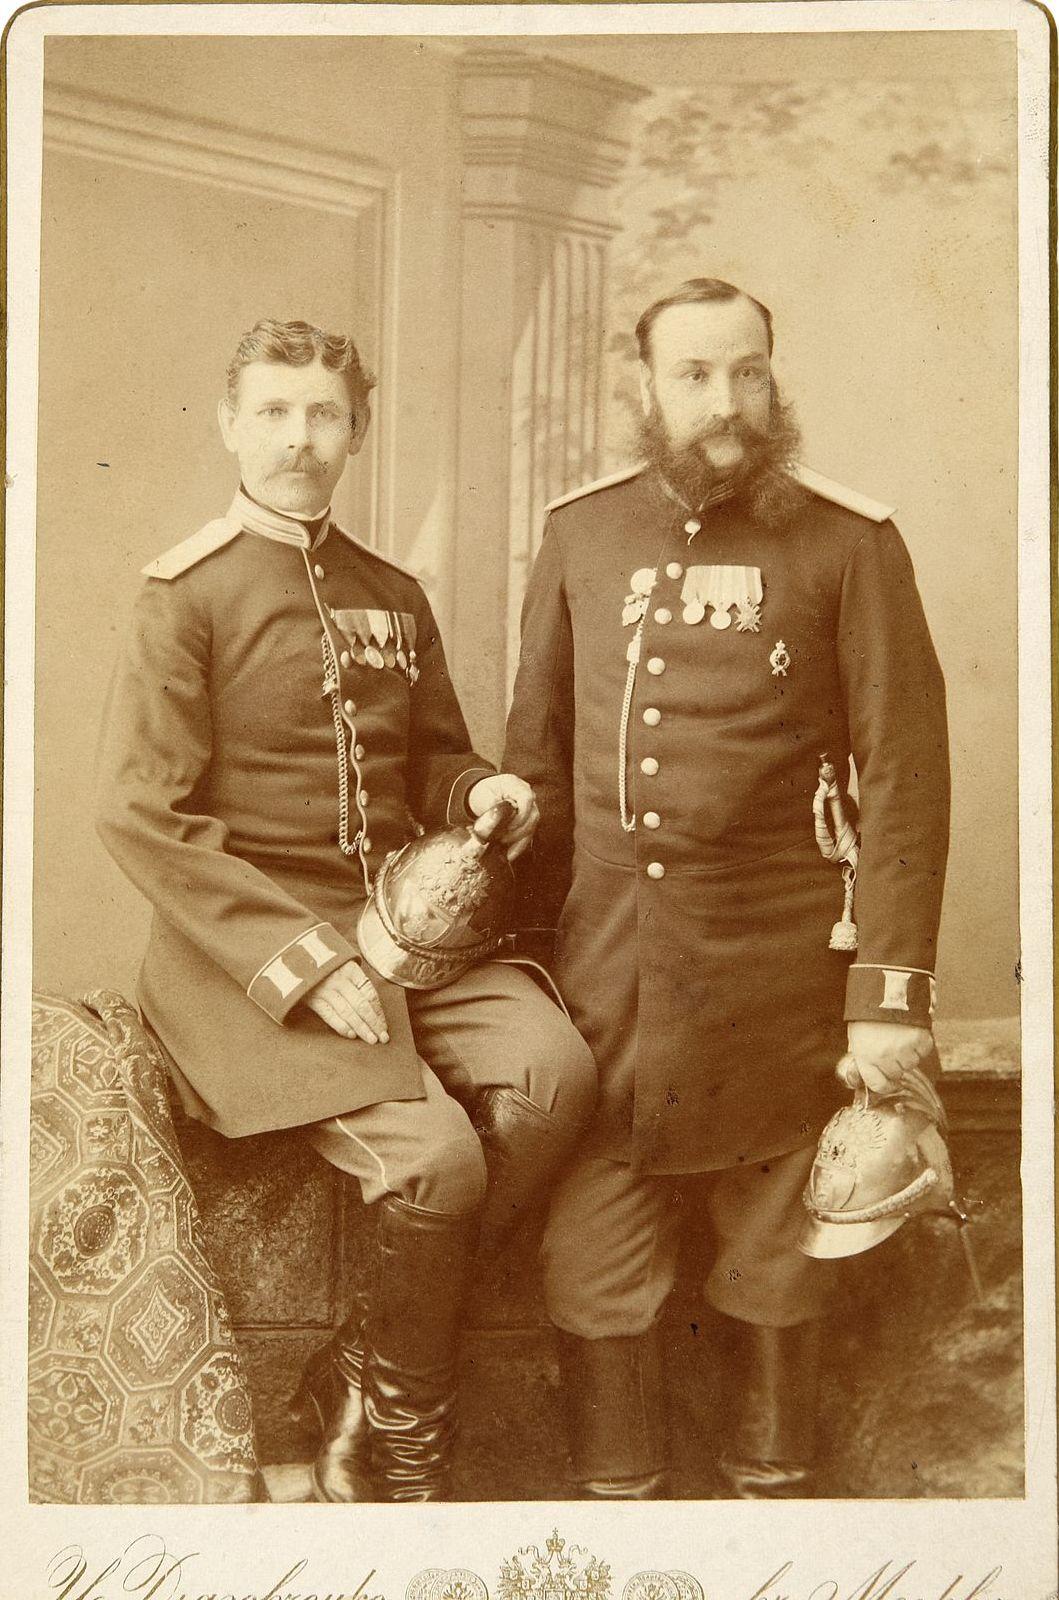 Фото чинов Московской пожарной охраны. Мастерская И. Дьяговченко, Москва, 1880-е